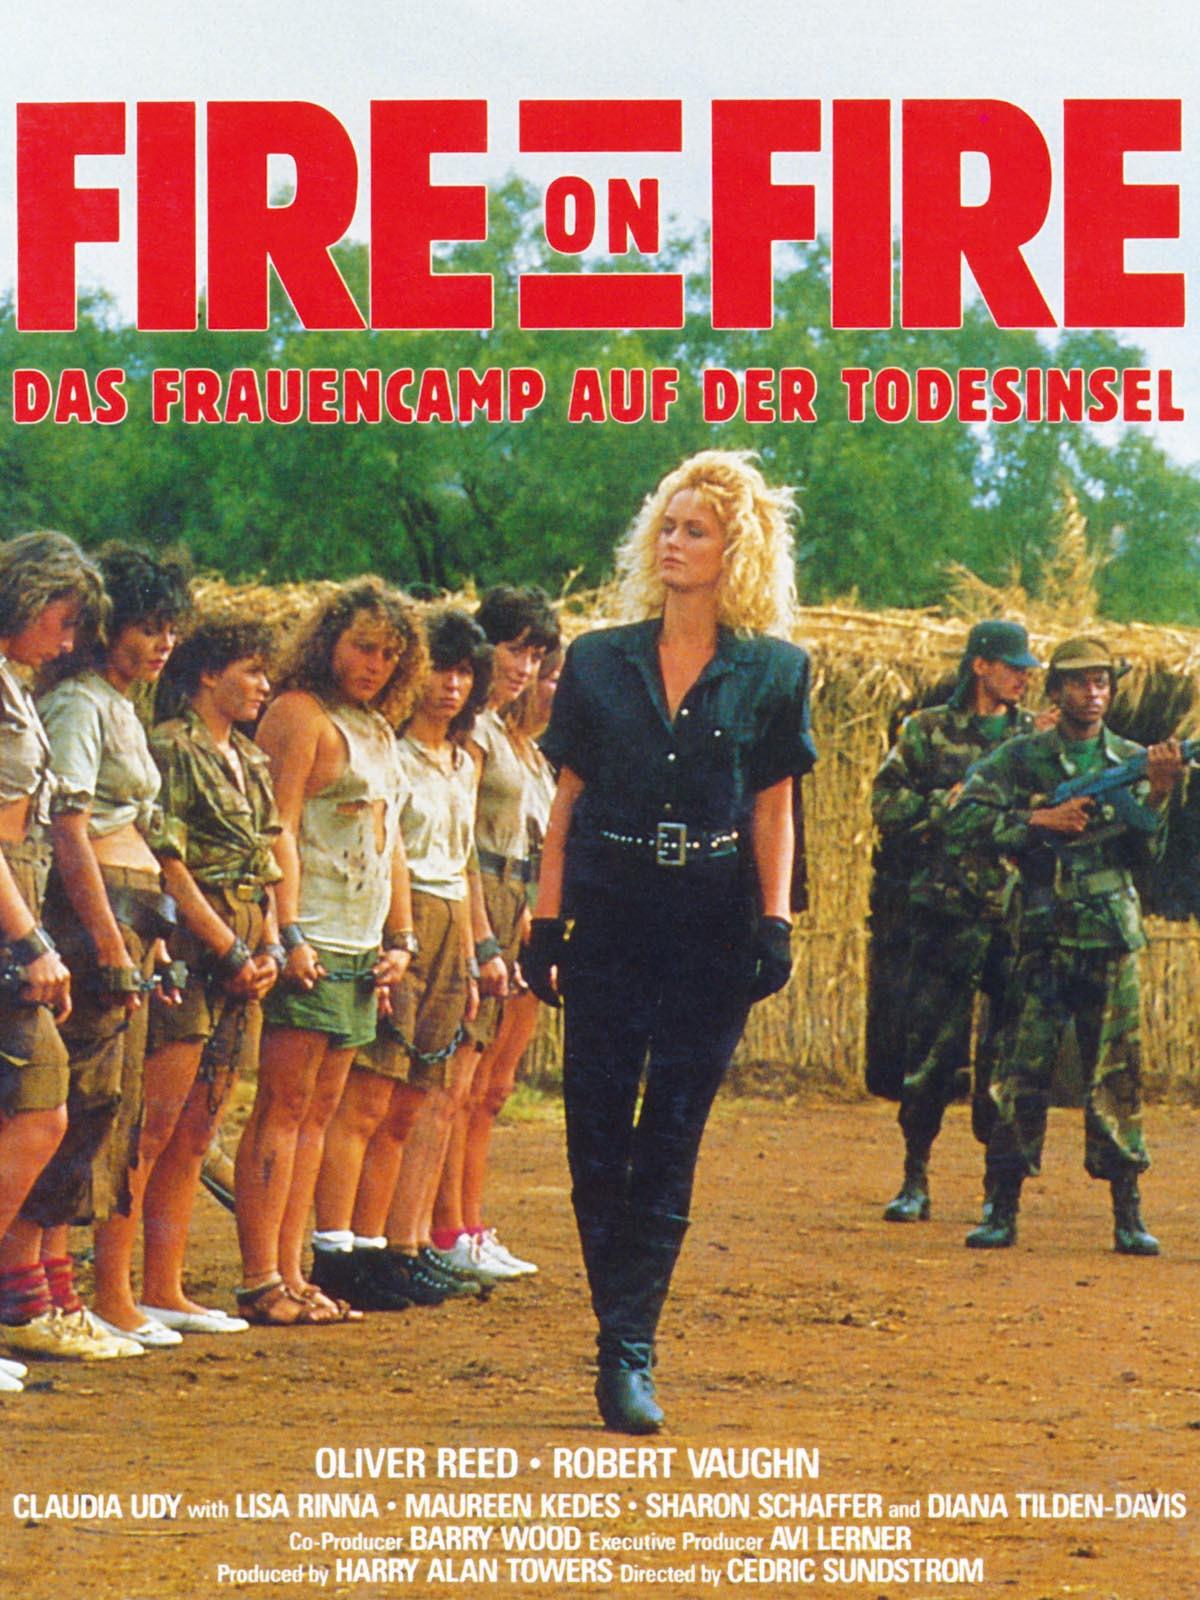 Fire on Fire - Das Frauencamp auf der Todesinsel